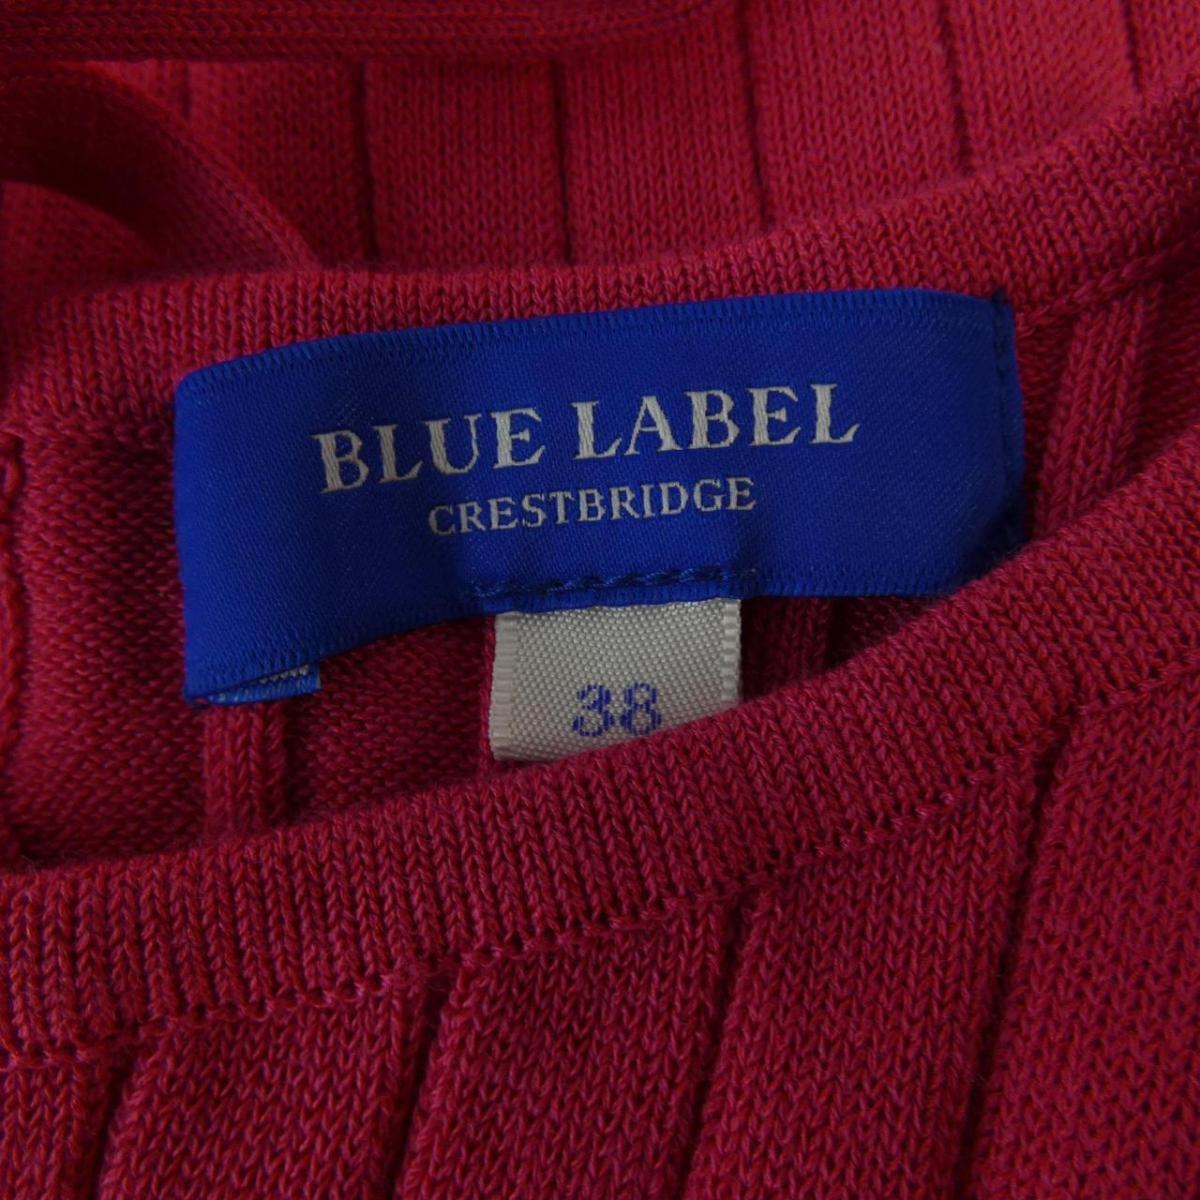 ブルーレーベルクレストブリッジ BLUE LABEL CRESTBRID ニット7bfy6gvY